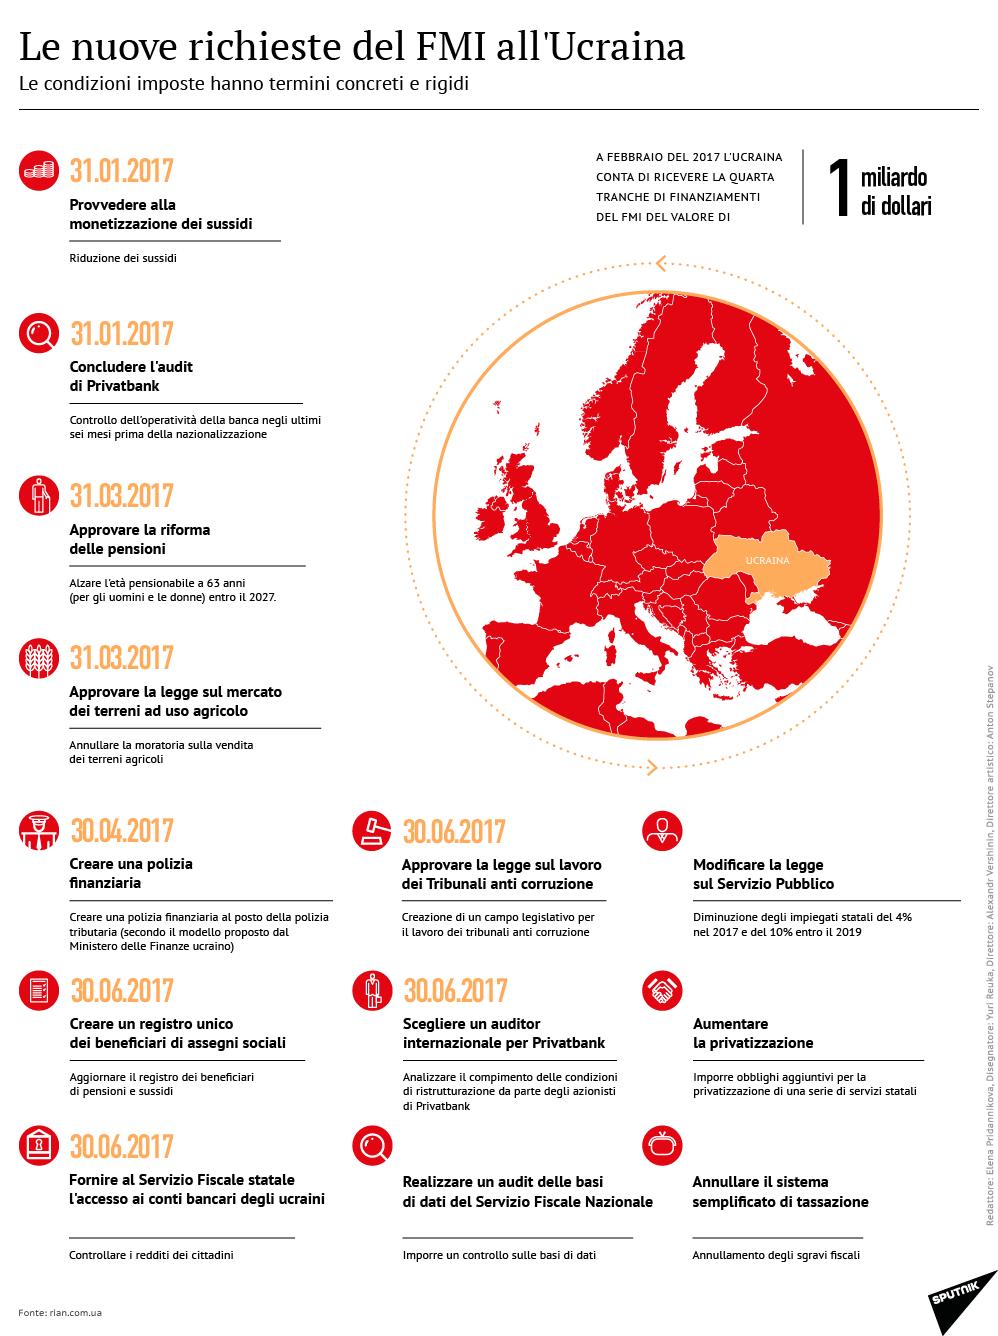 Le nuove richieste del FMI all'Ucraina - Sputnik Italia